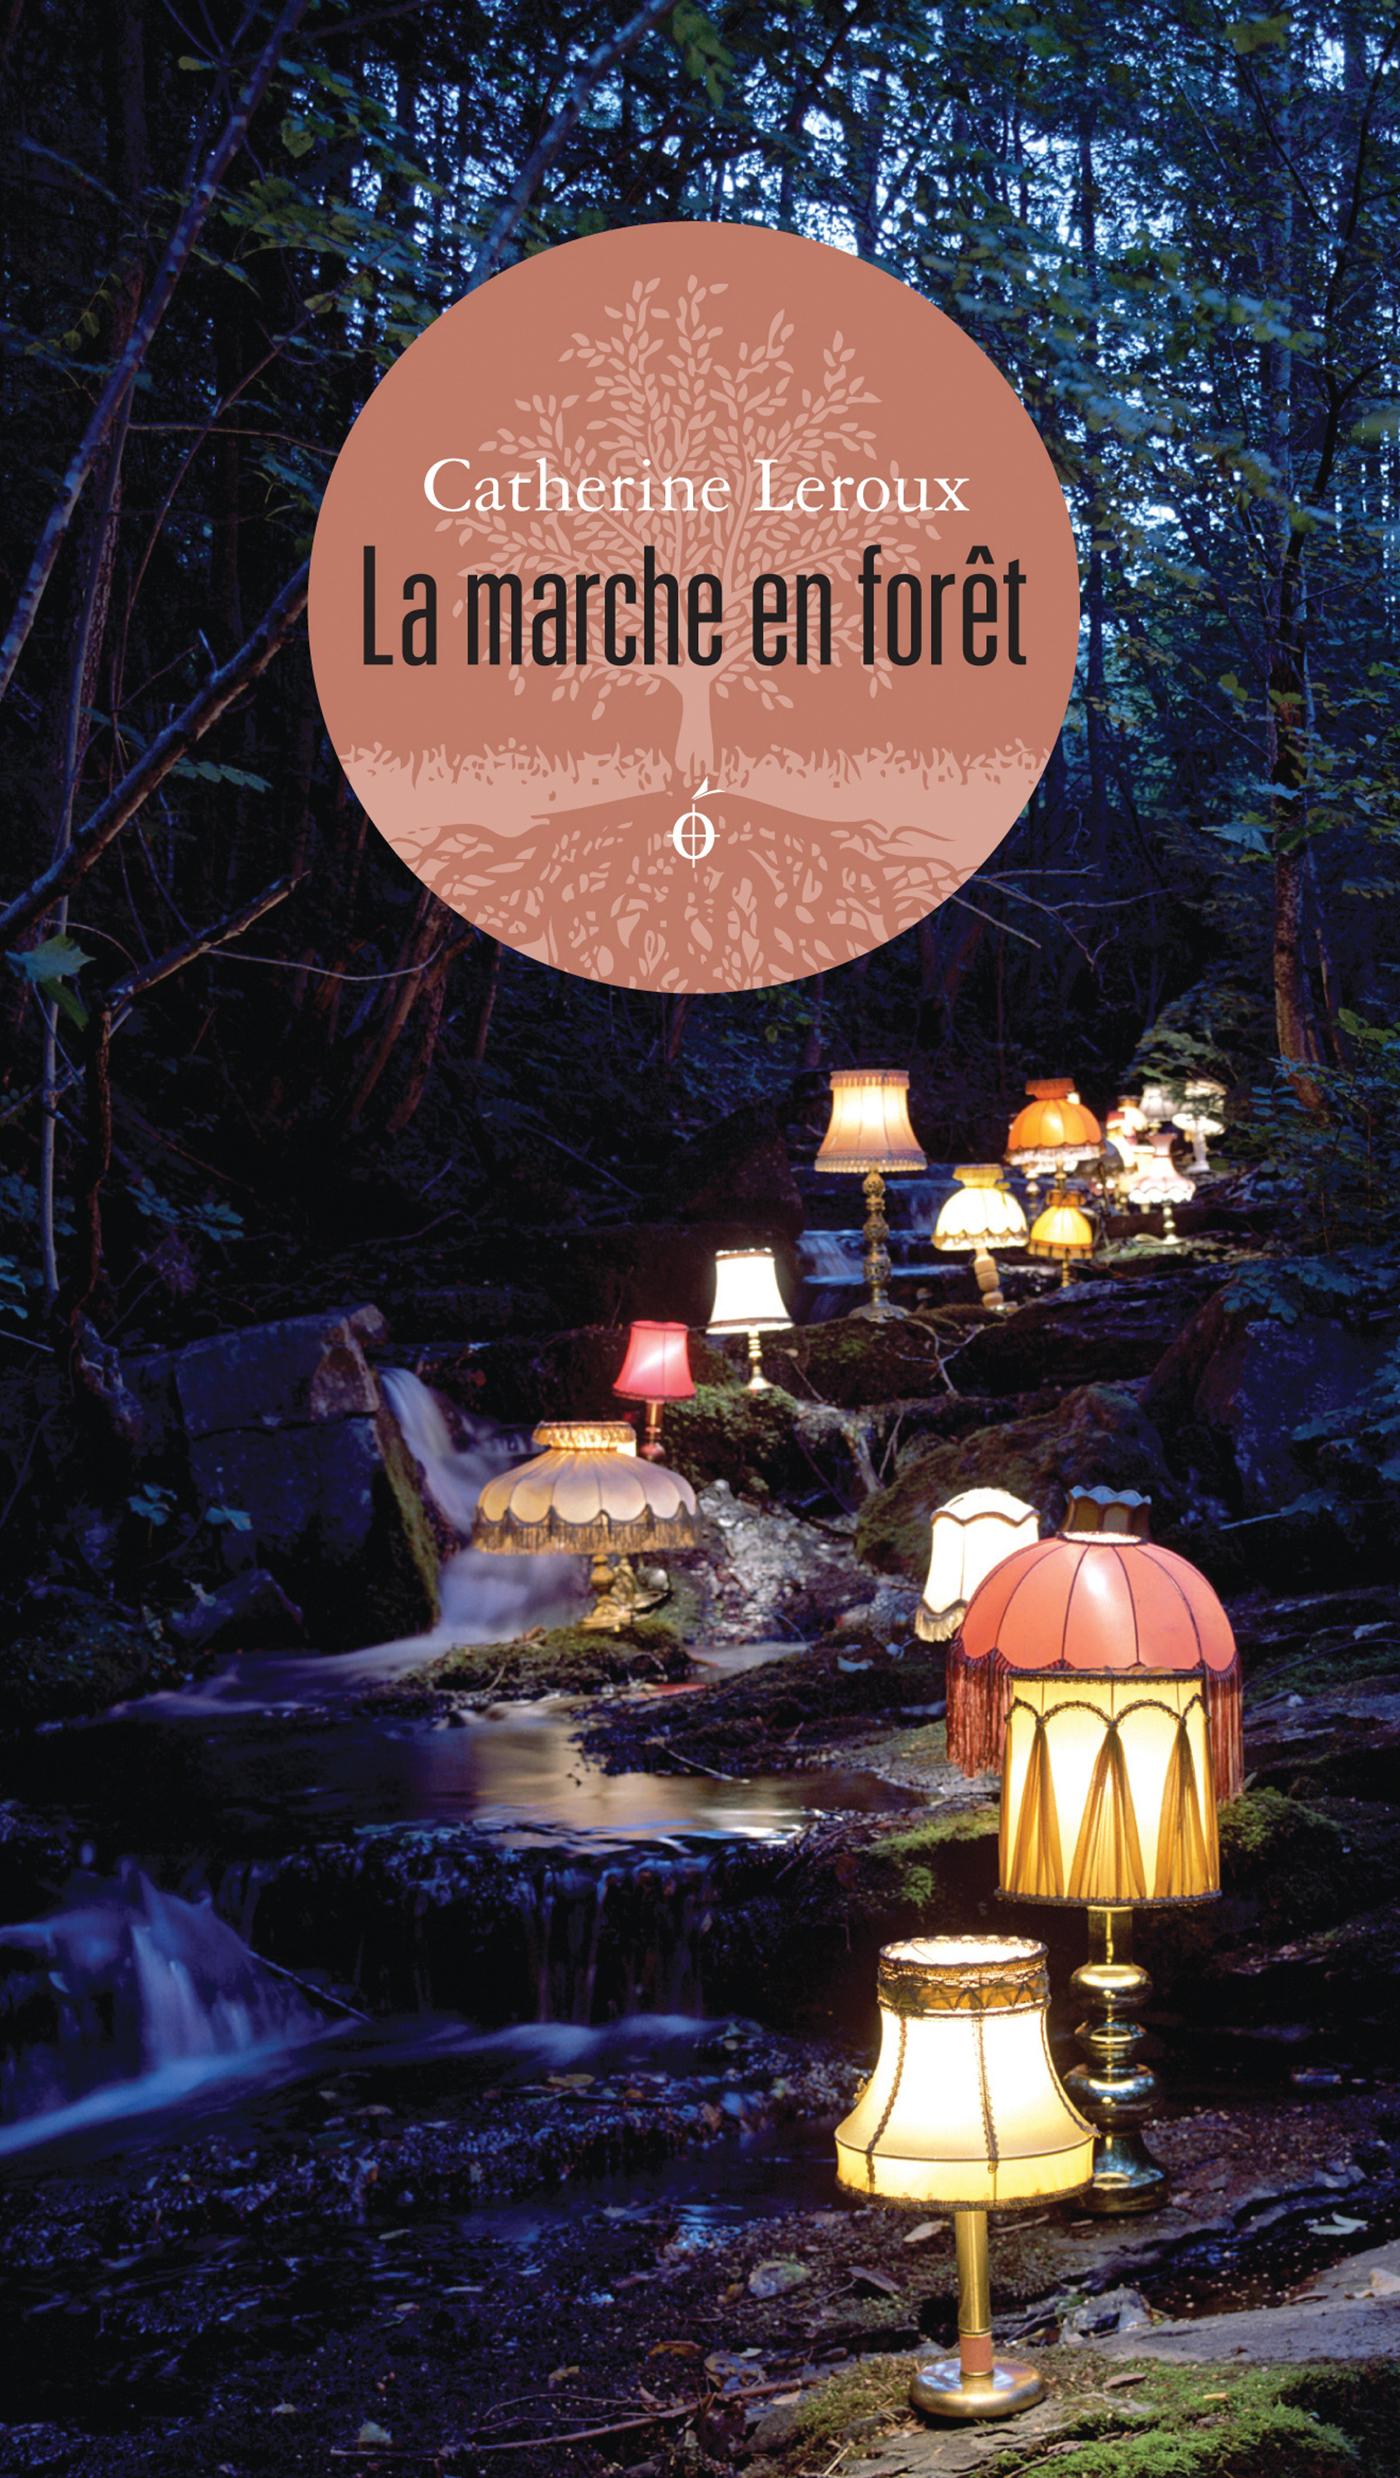 Marche en forêt (La)